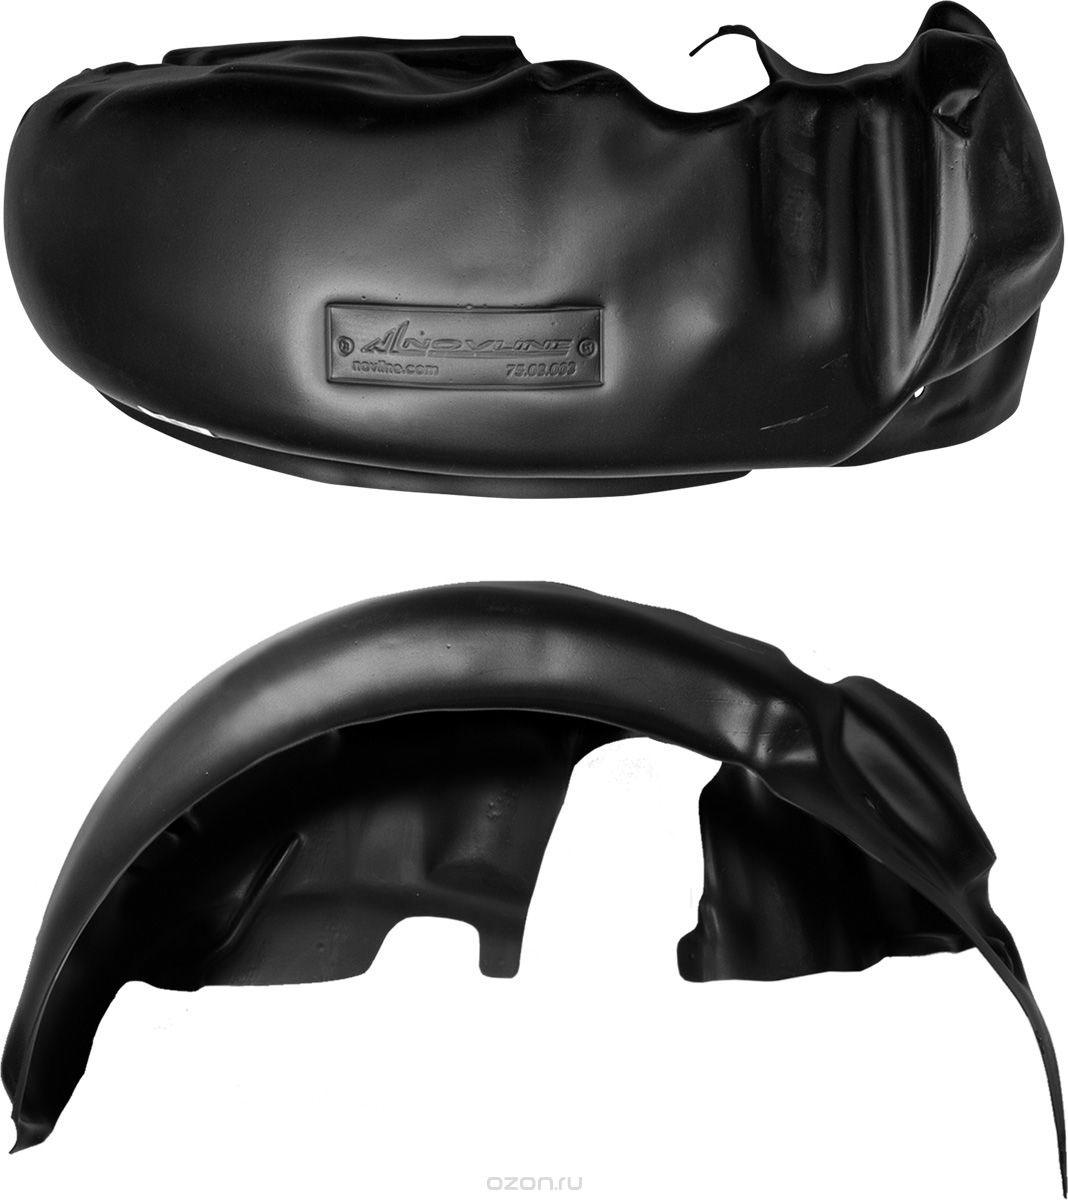 Подкрылок Novline-Autofamily, для FAW V5, 2013->, передний левыйVCA-00Идеальная защита колесной ниши. Локеры разработаны с применением цифровых технологий, гарантируют максимальную повторяемость поверхности арки. Изделия устанавливаются без нарушения лакокрасочного покрытия автомобиля, каждый подкрылок комплектуется крепежом. Уважаемые клиенты, обращаем ваше внимание, что фотографии на подкрылки универсальные и не отражают реальную форму изделия. При этом само изделие идет точно под размер указанного автомобиля.